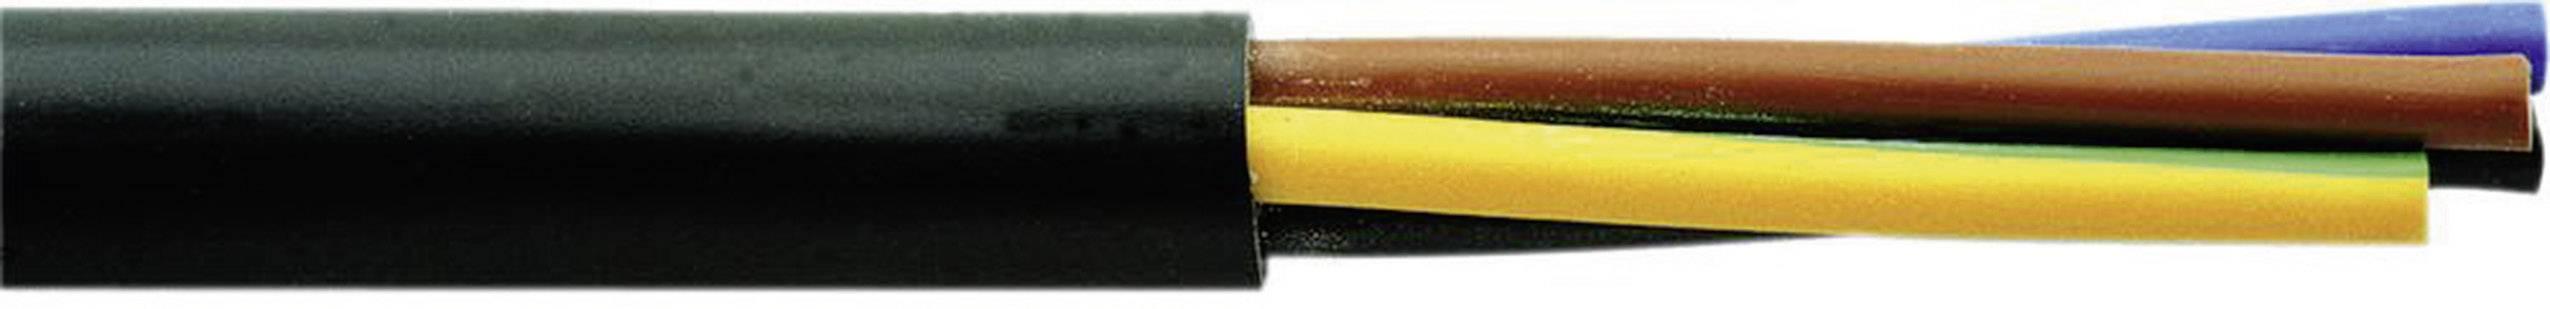 Vícežílový kabel Faber Kabel H05RR-F, 050030, 5 G 1.50 mm², černá, metrové zboží